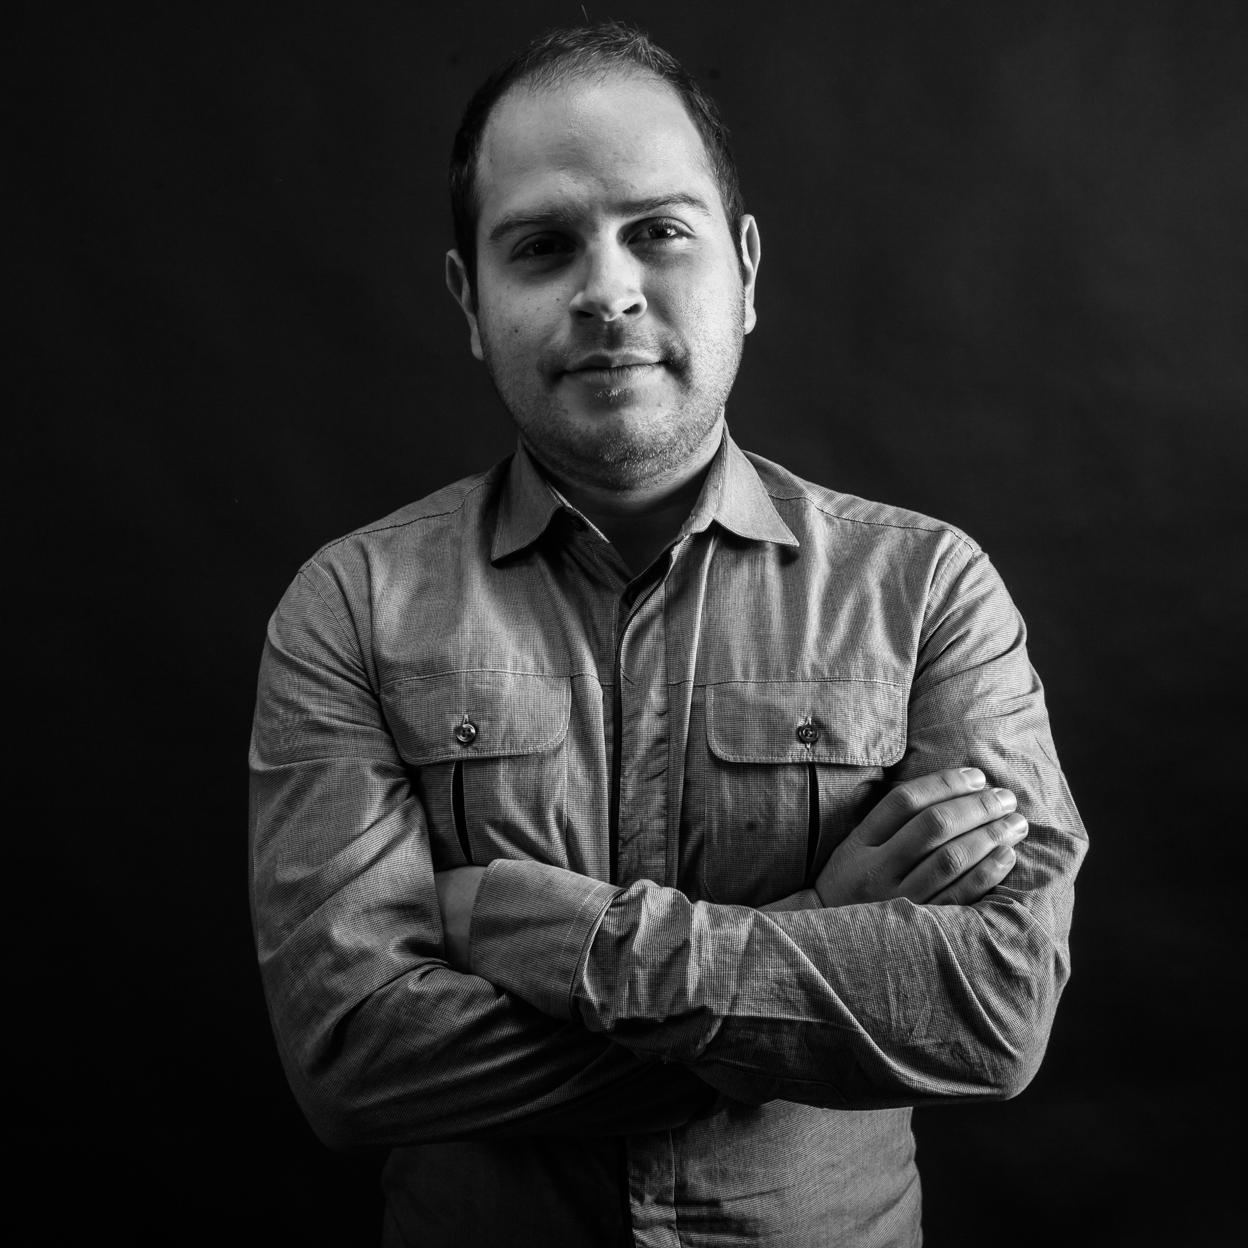 Michel Hernández